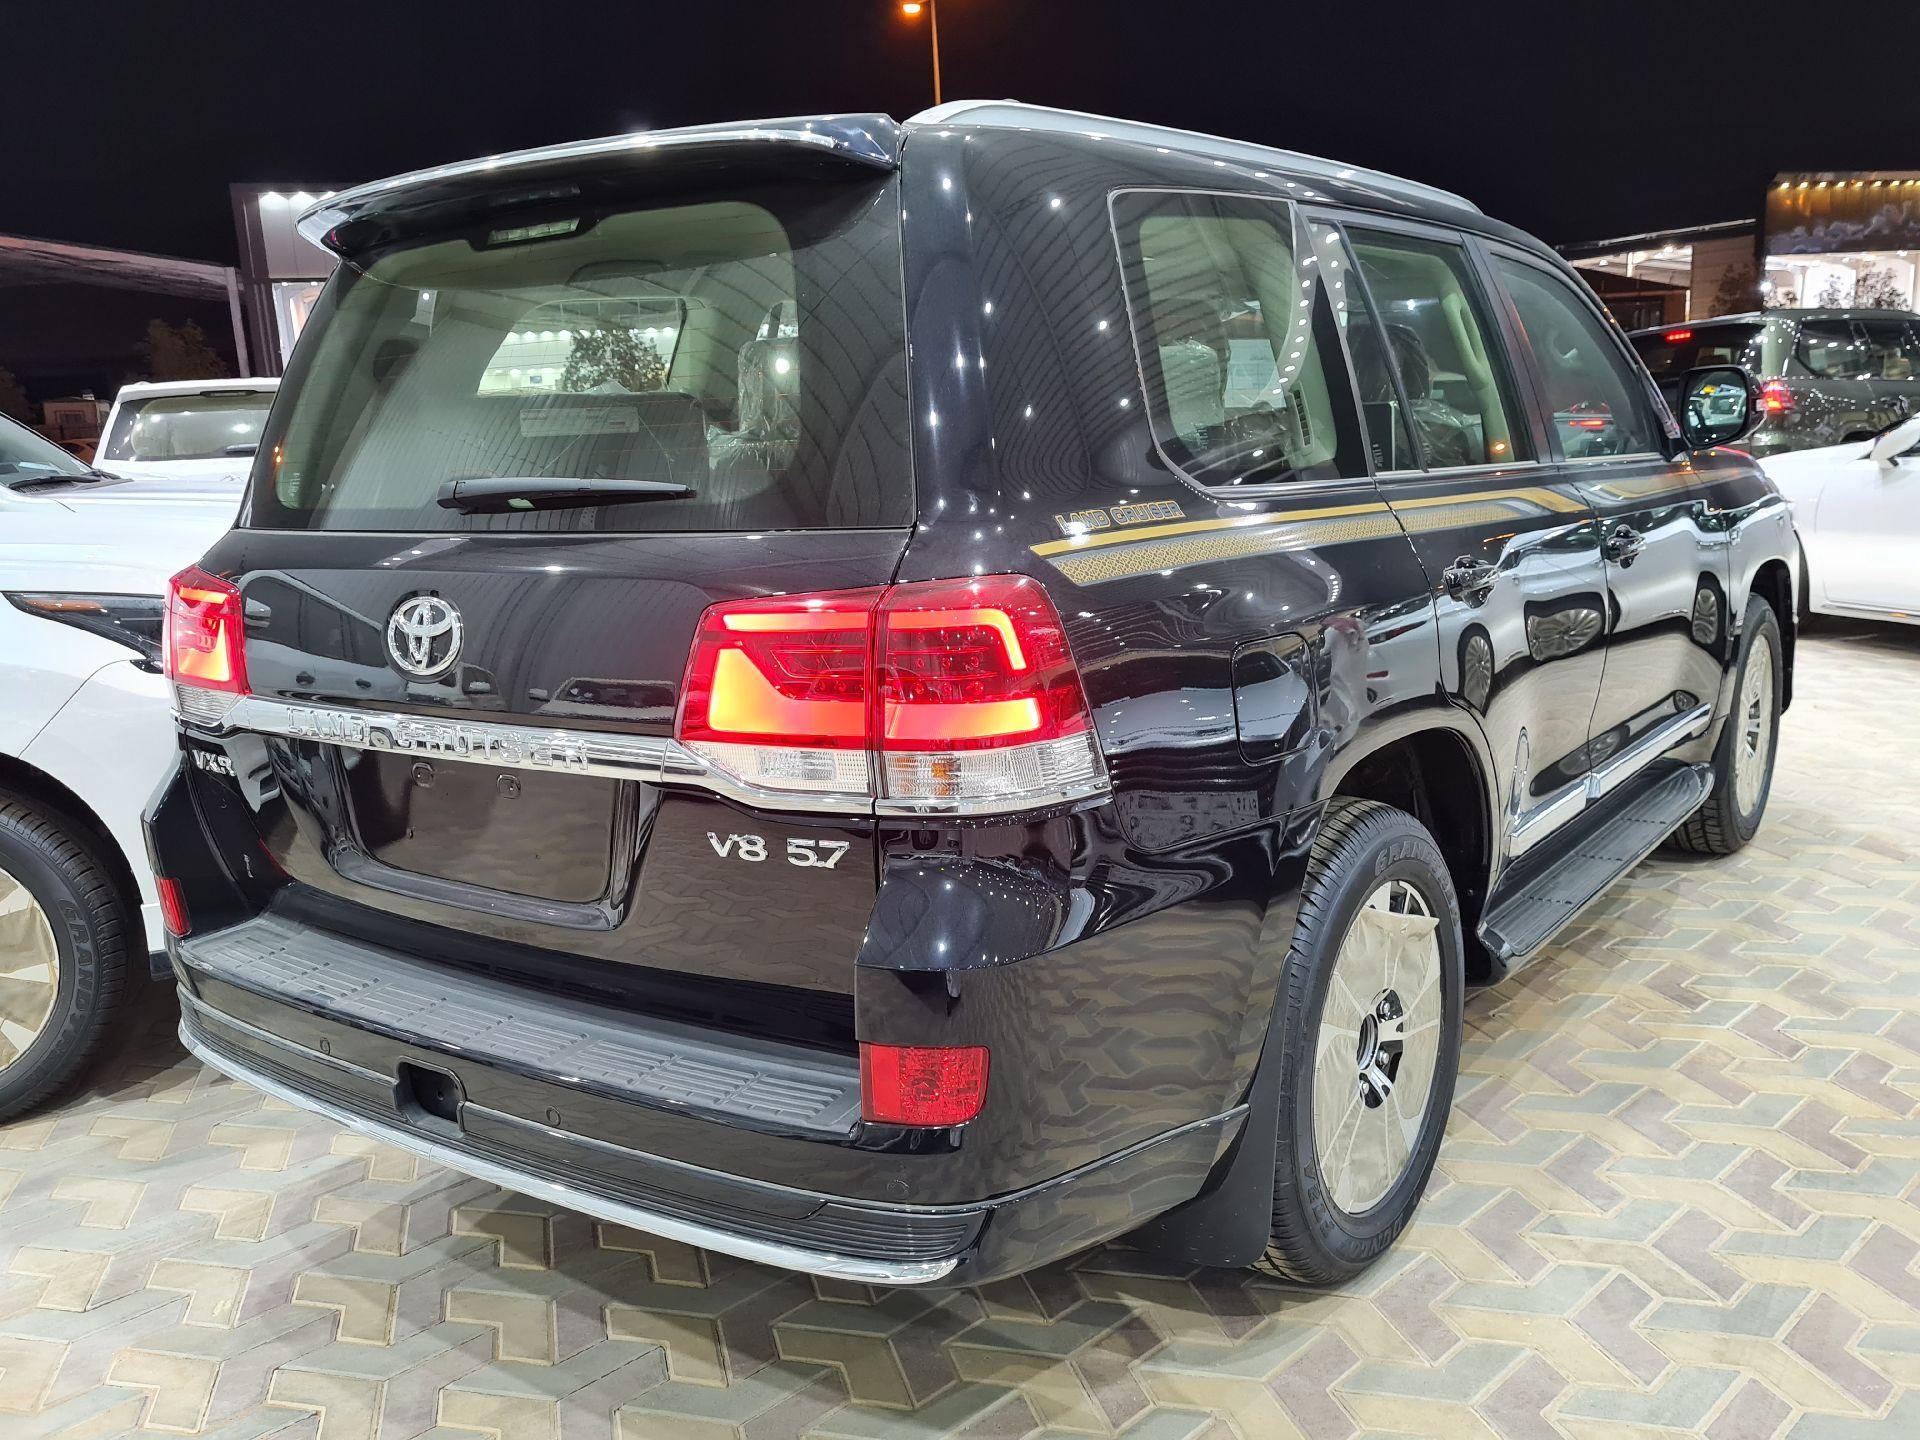 تويوتا لاندكروزر VXR فل  2021 دبل بريمي جديد للبيع في الرياض - السعودية - صورة كبيرة - 6